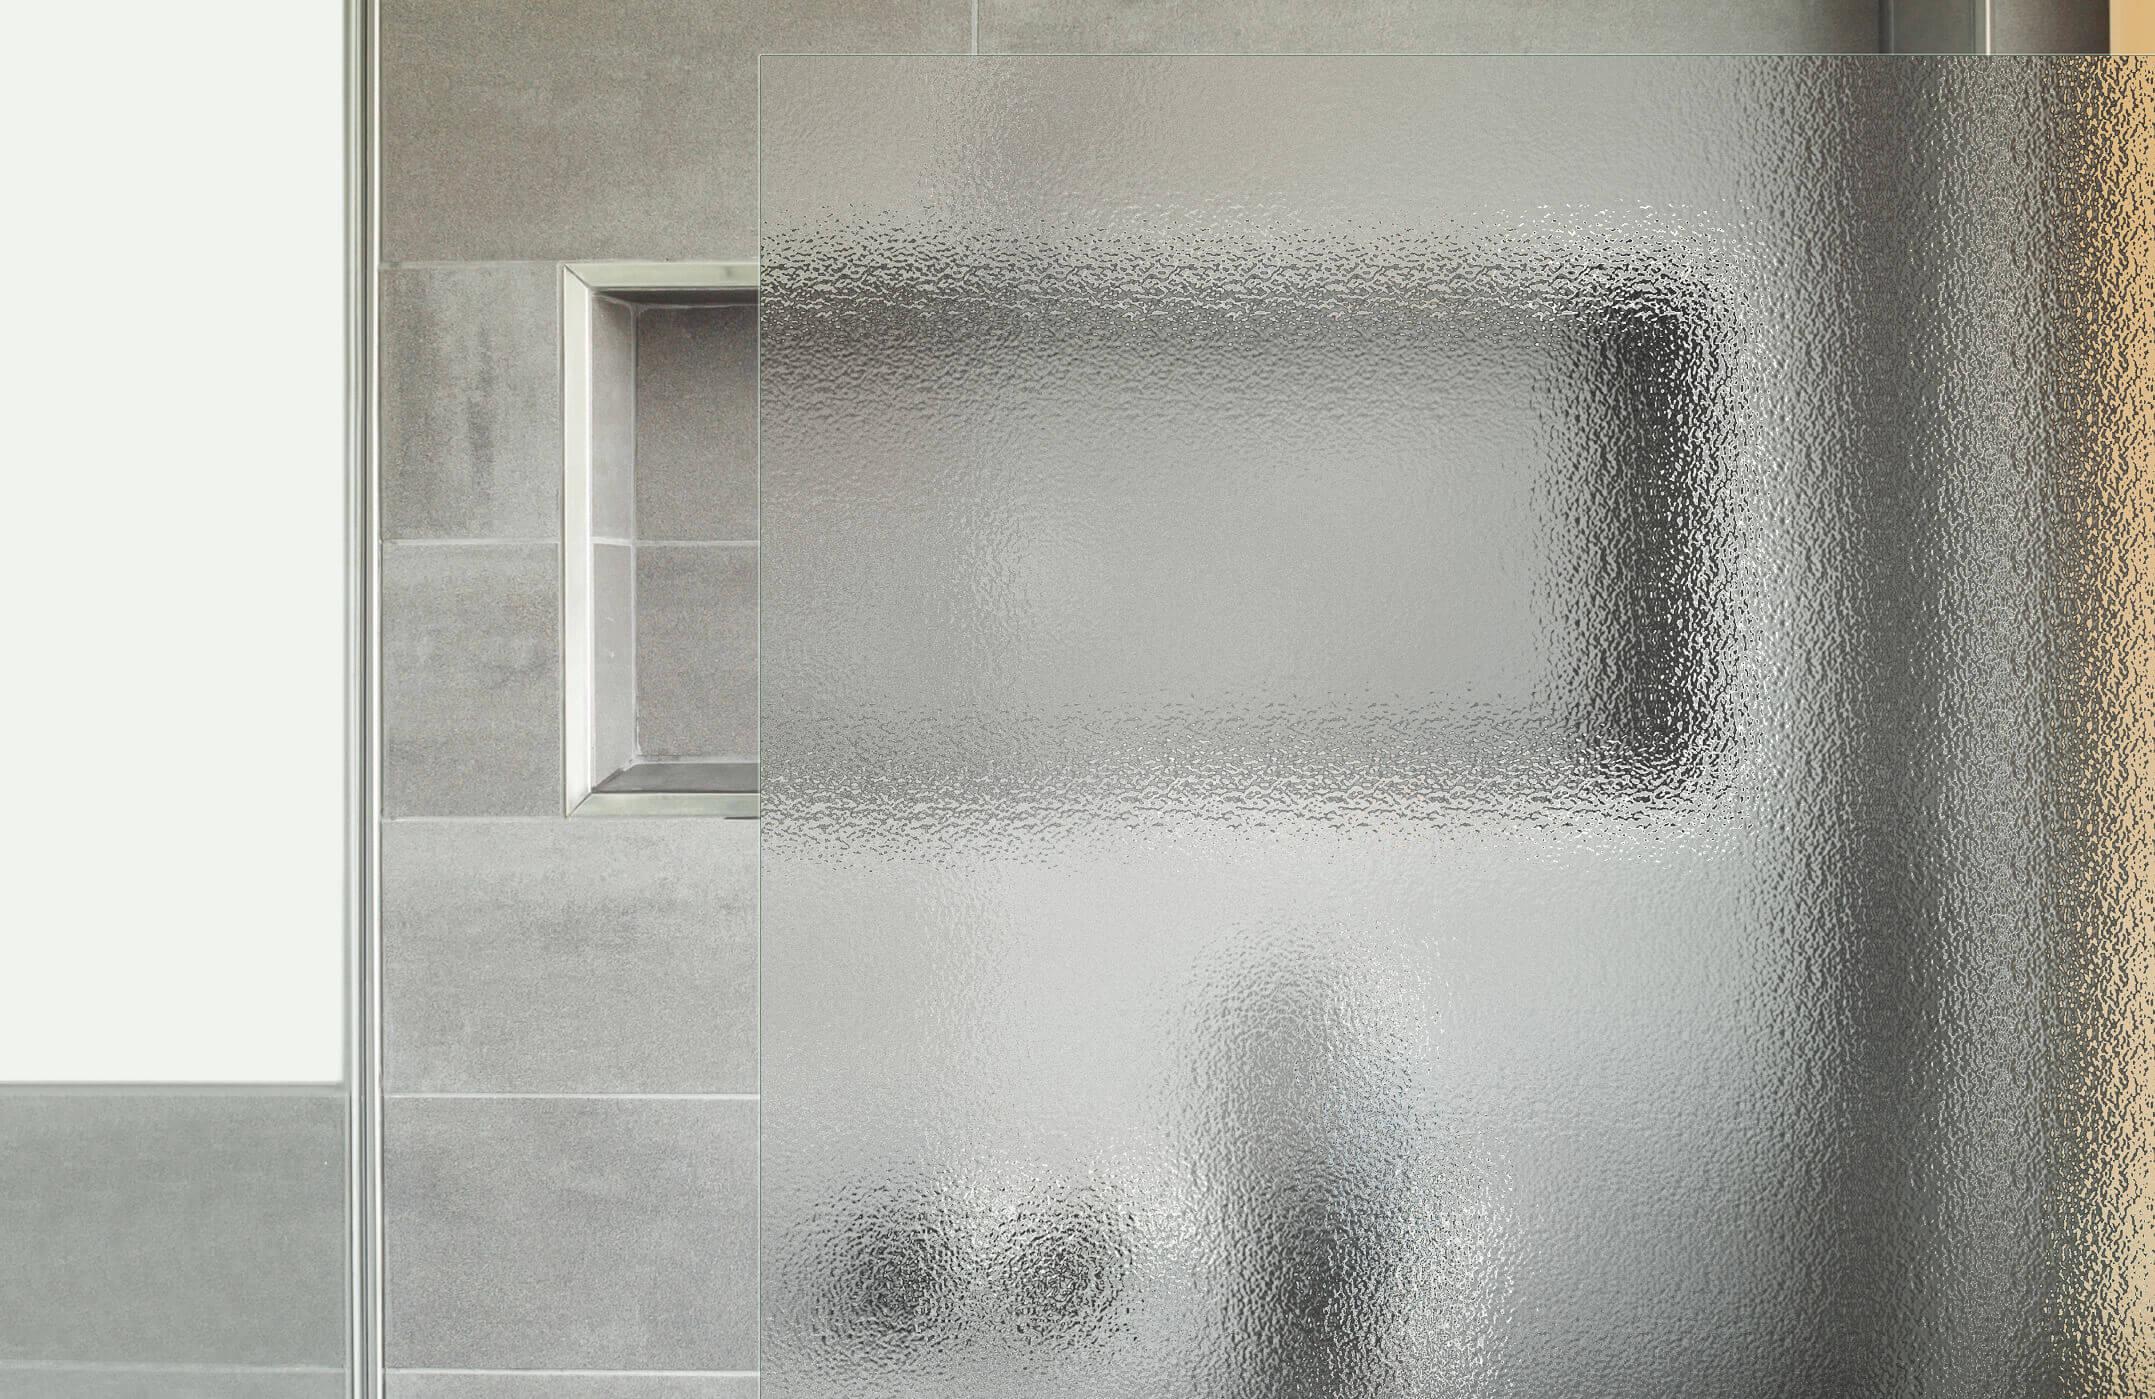 strukturieres_glas_bei_einer_dusche